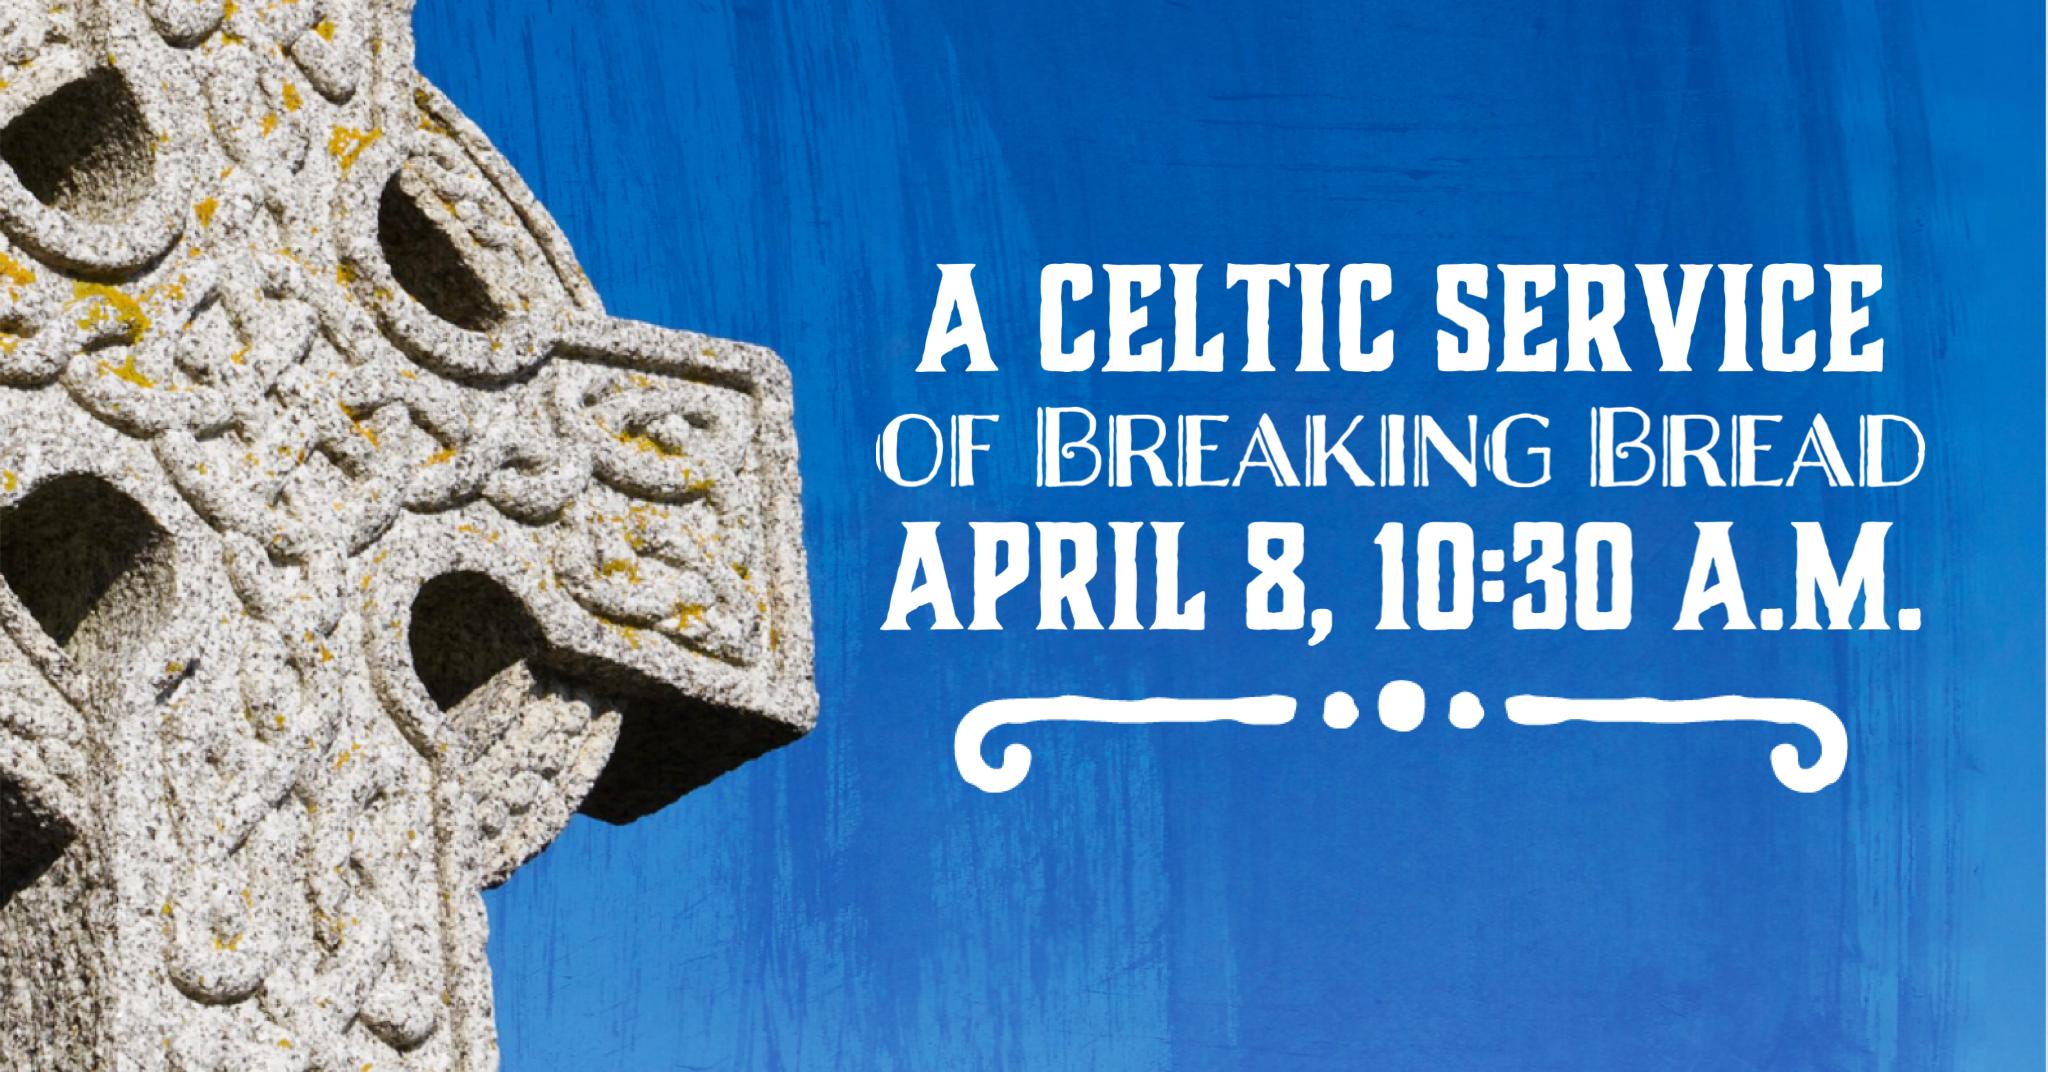 A Celtic Service of Breaking Bread